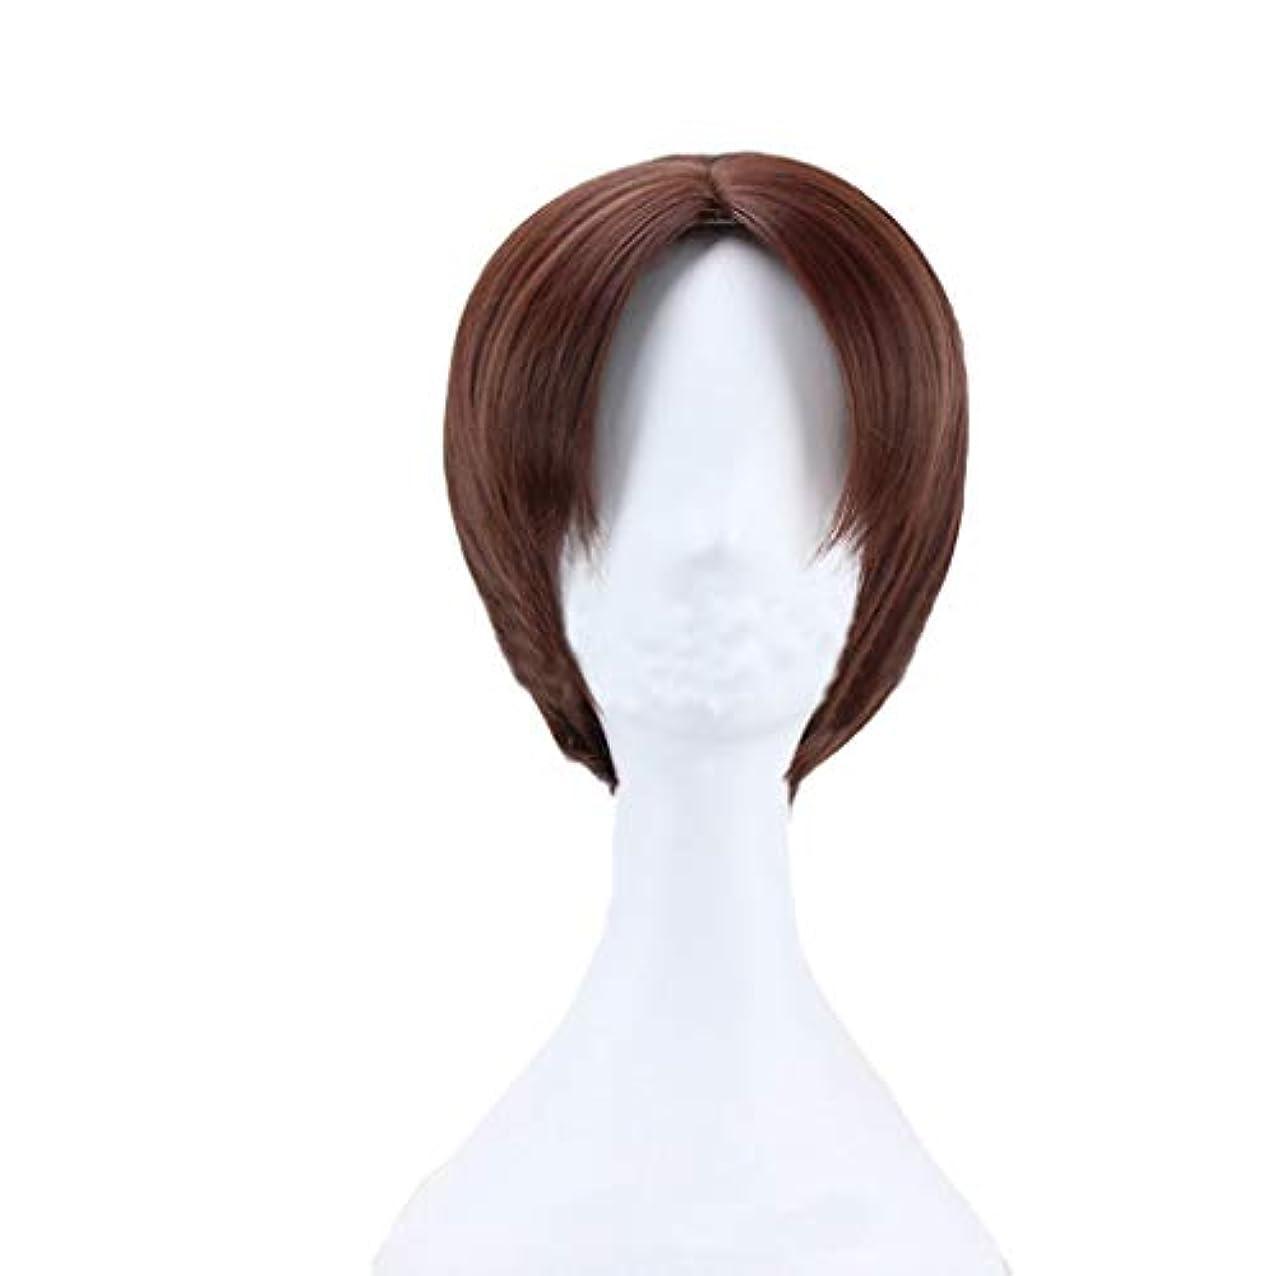 代表エジプト写真を描くメンズウィッグ、ファッションメンズブラウンショートストレートヘアナチュラルふわふわ高品質ウィッグ